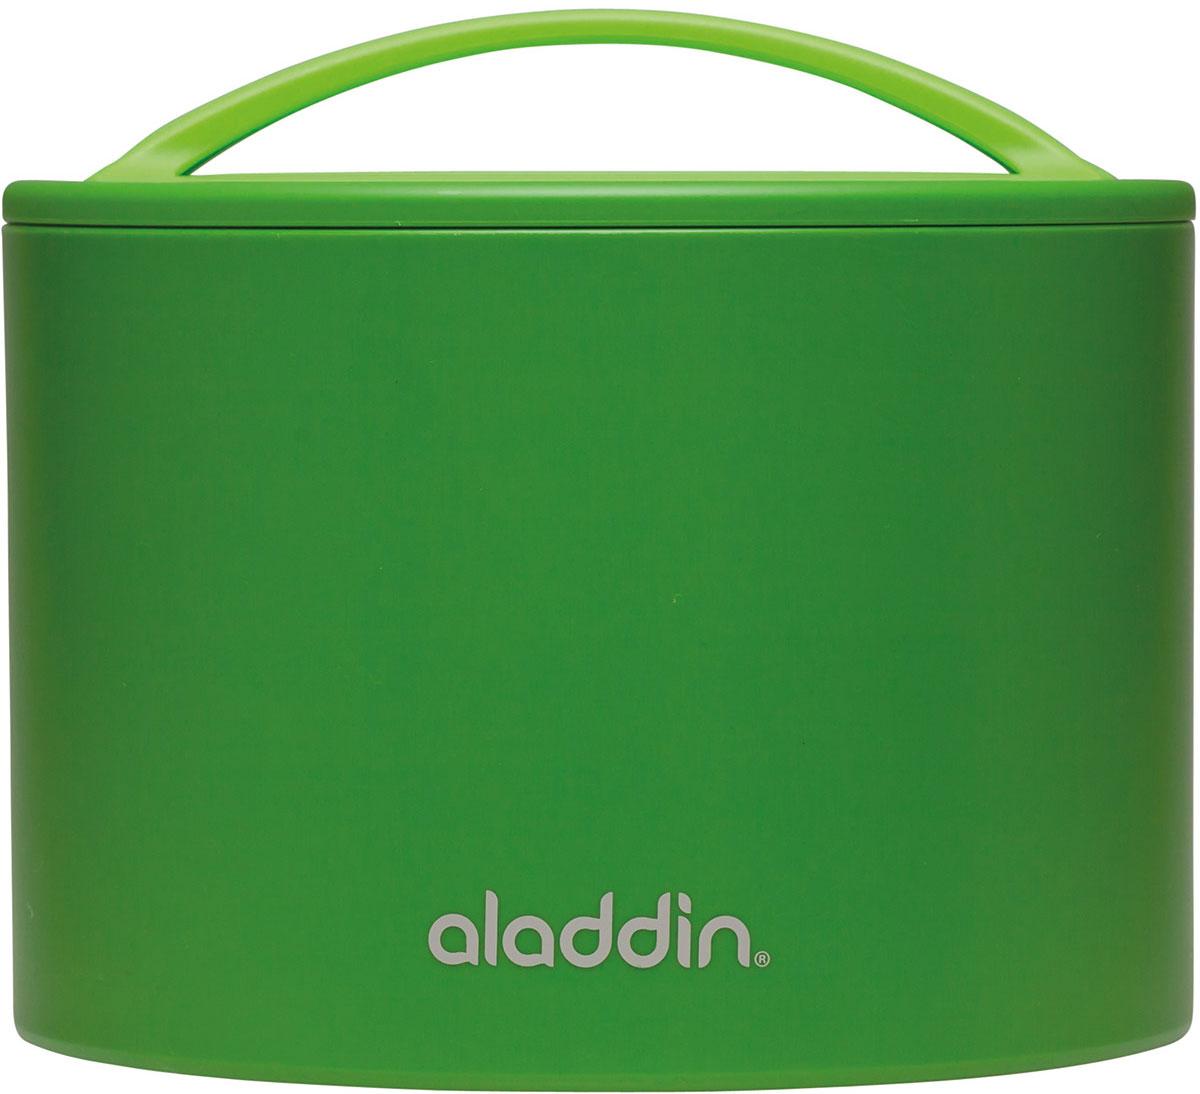 Ланч-бокс Aladdin Bento, цвет: зеленый, 0,6 л бокс рский мешок не наполненный